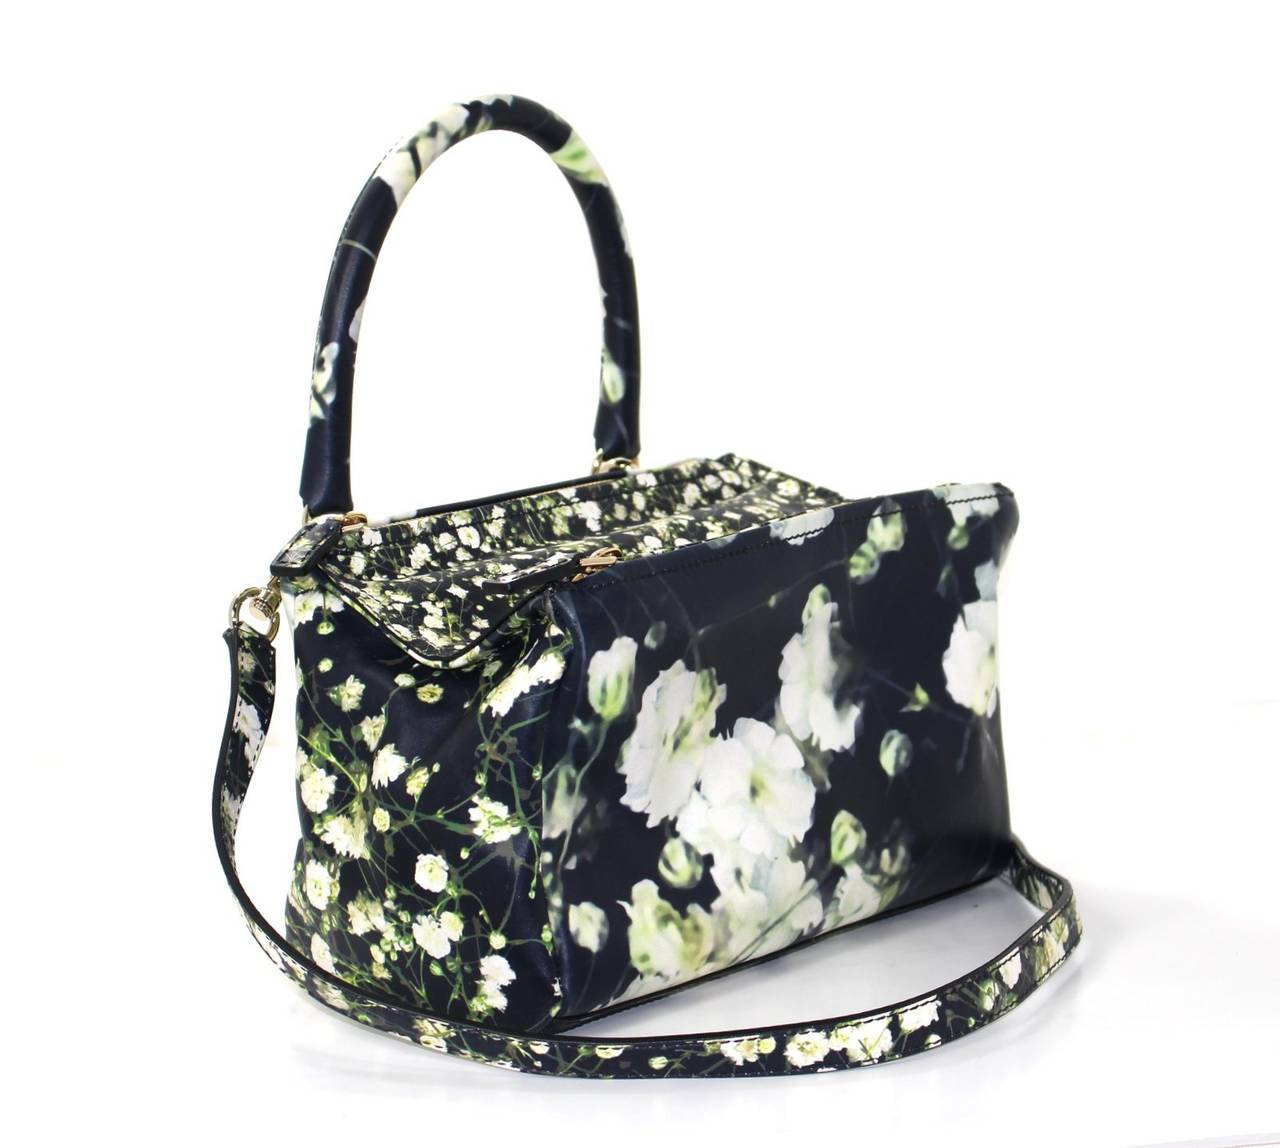 Givenchy Black Leather Babys Breath Pandora Messenger Bag 3